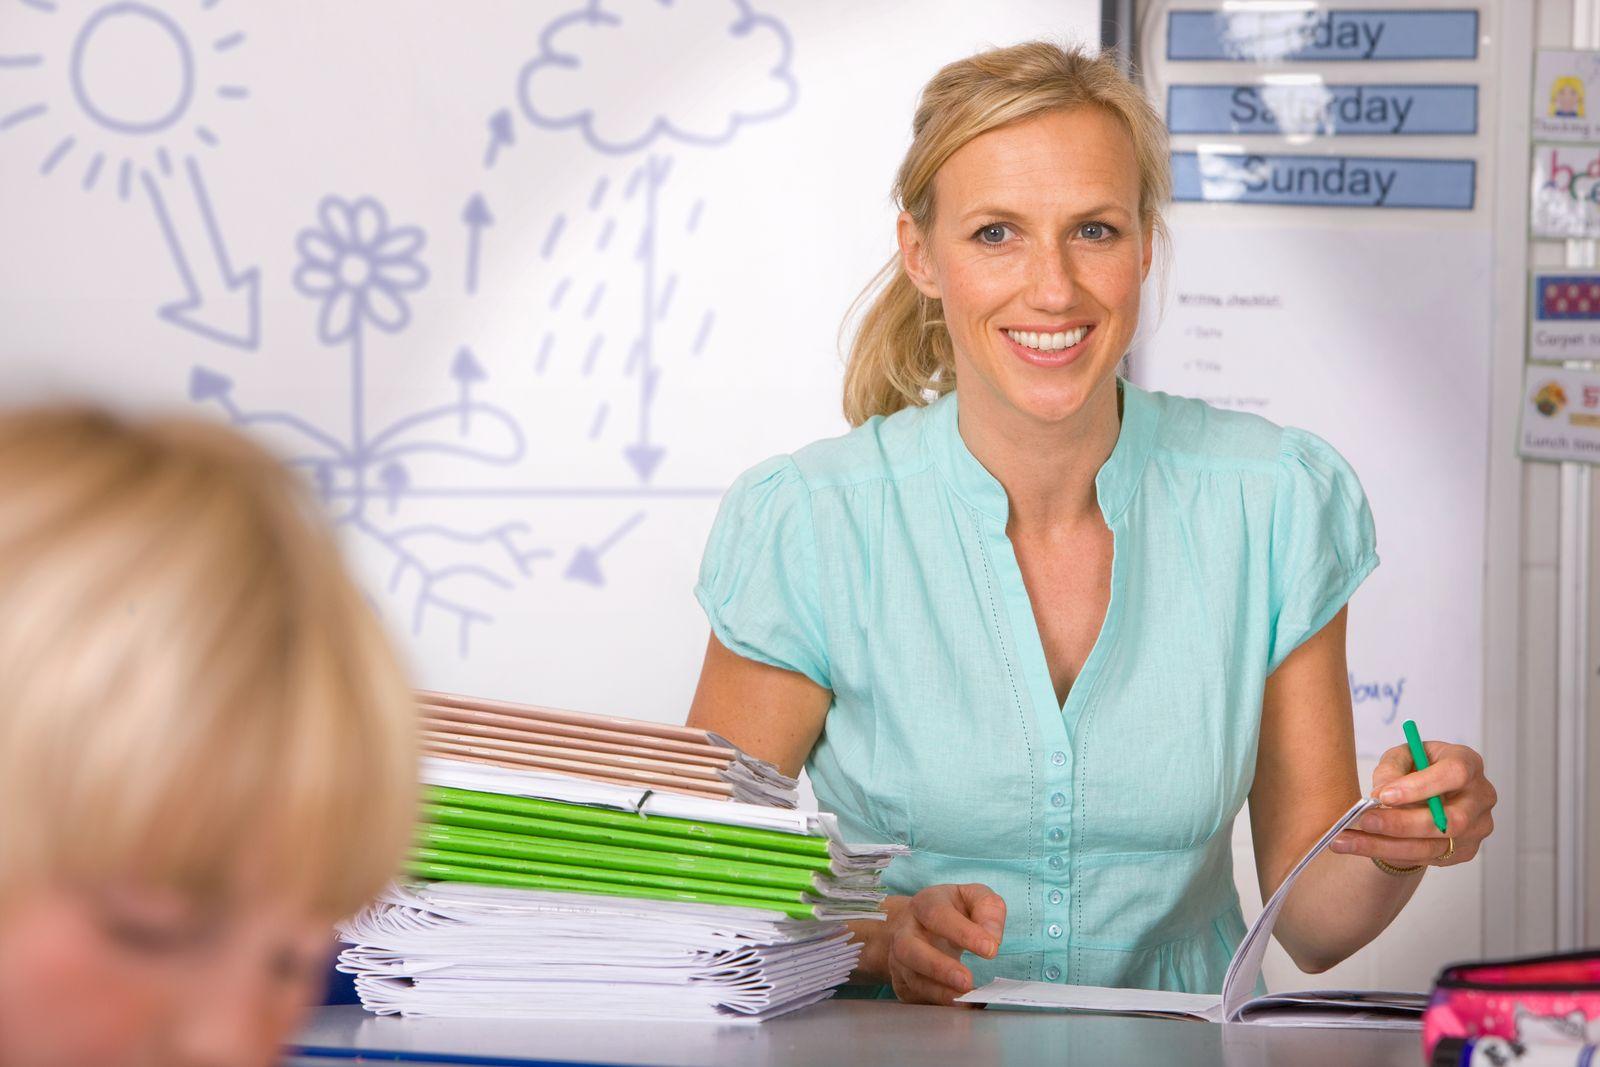 NICHT MEHR VERWENDEN! - Lehrer / Hausarbeiten